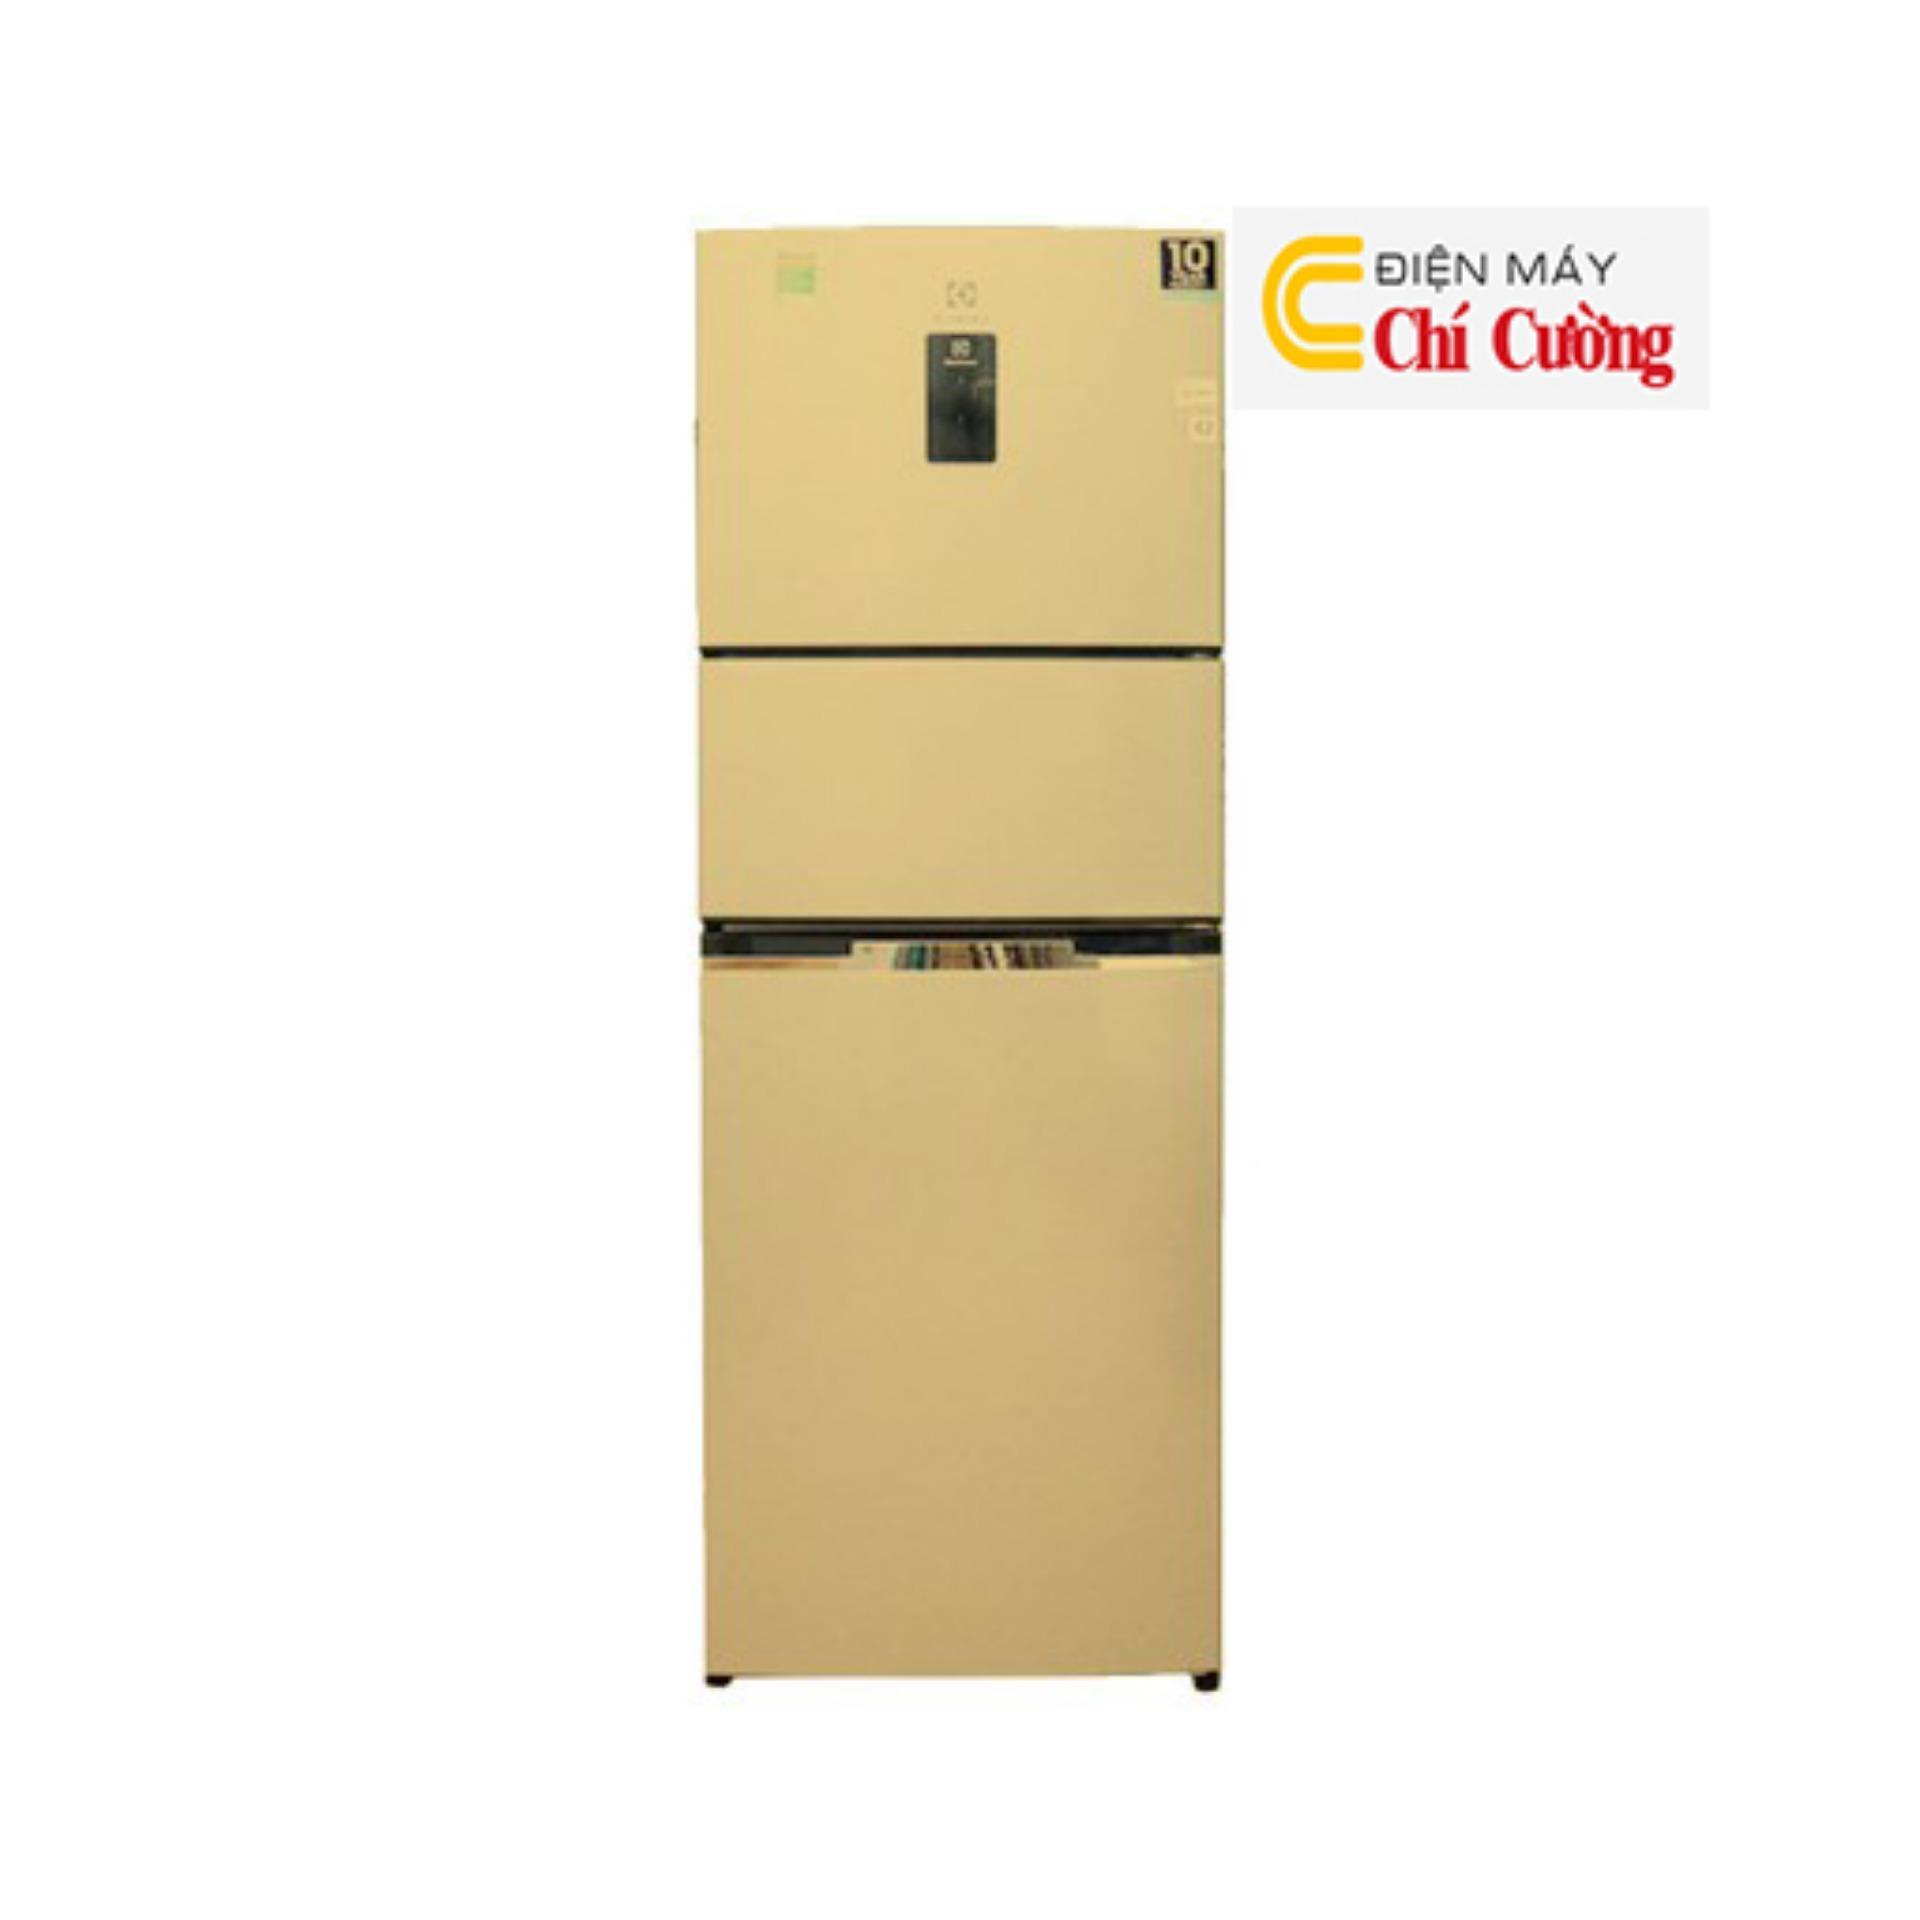 Tủ lạnh Electrolux EME3500GG 334 lít 3 cửa Inverter (Vàng)